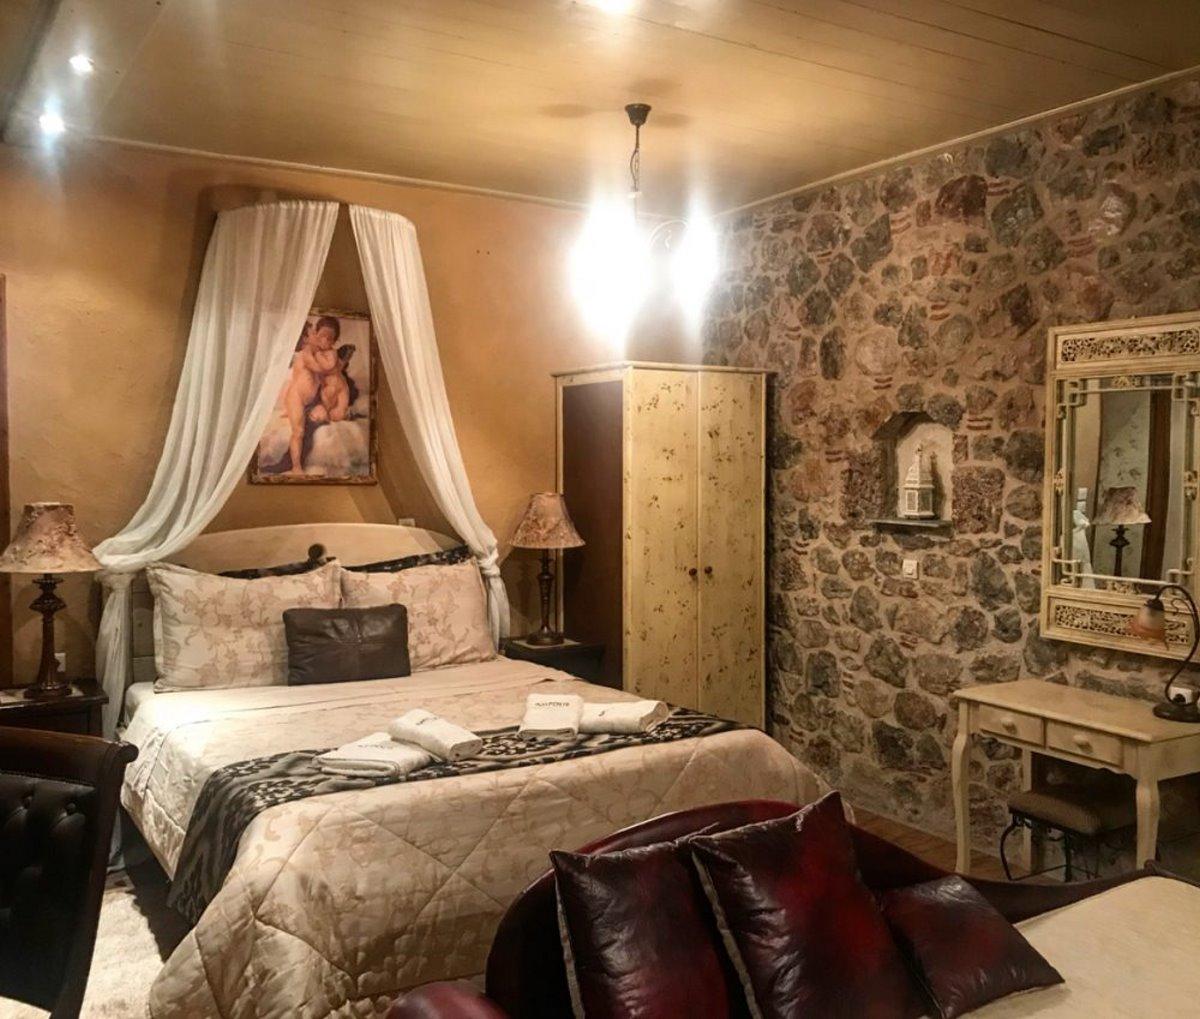 ξενώνας Άμπολη Αράχωβα δίκλινο δωμάτιο